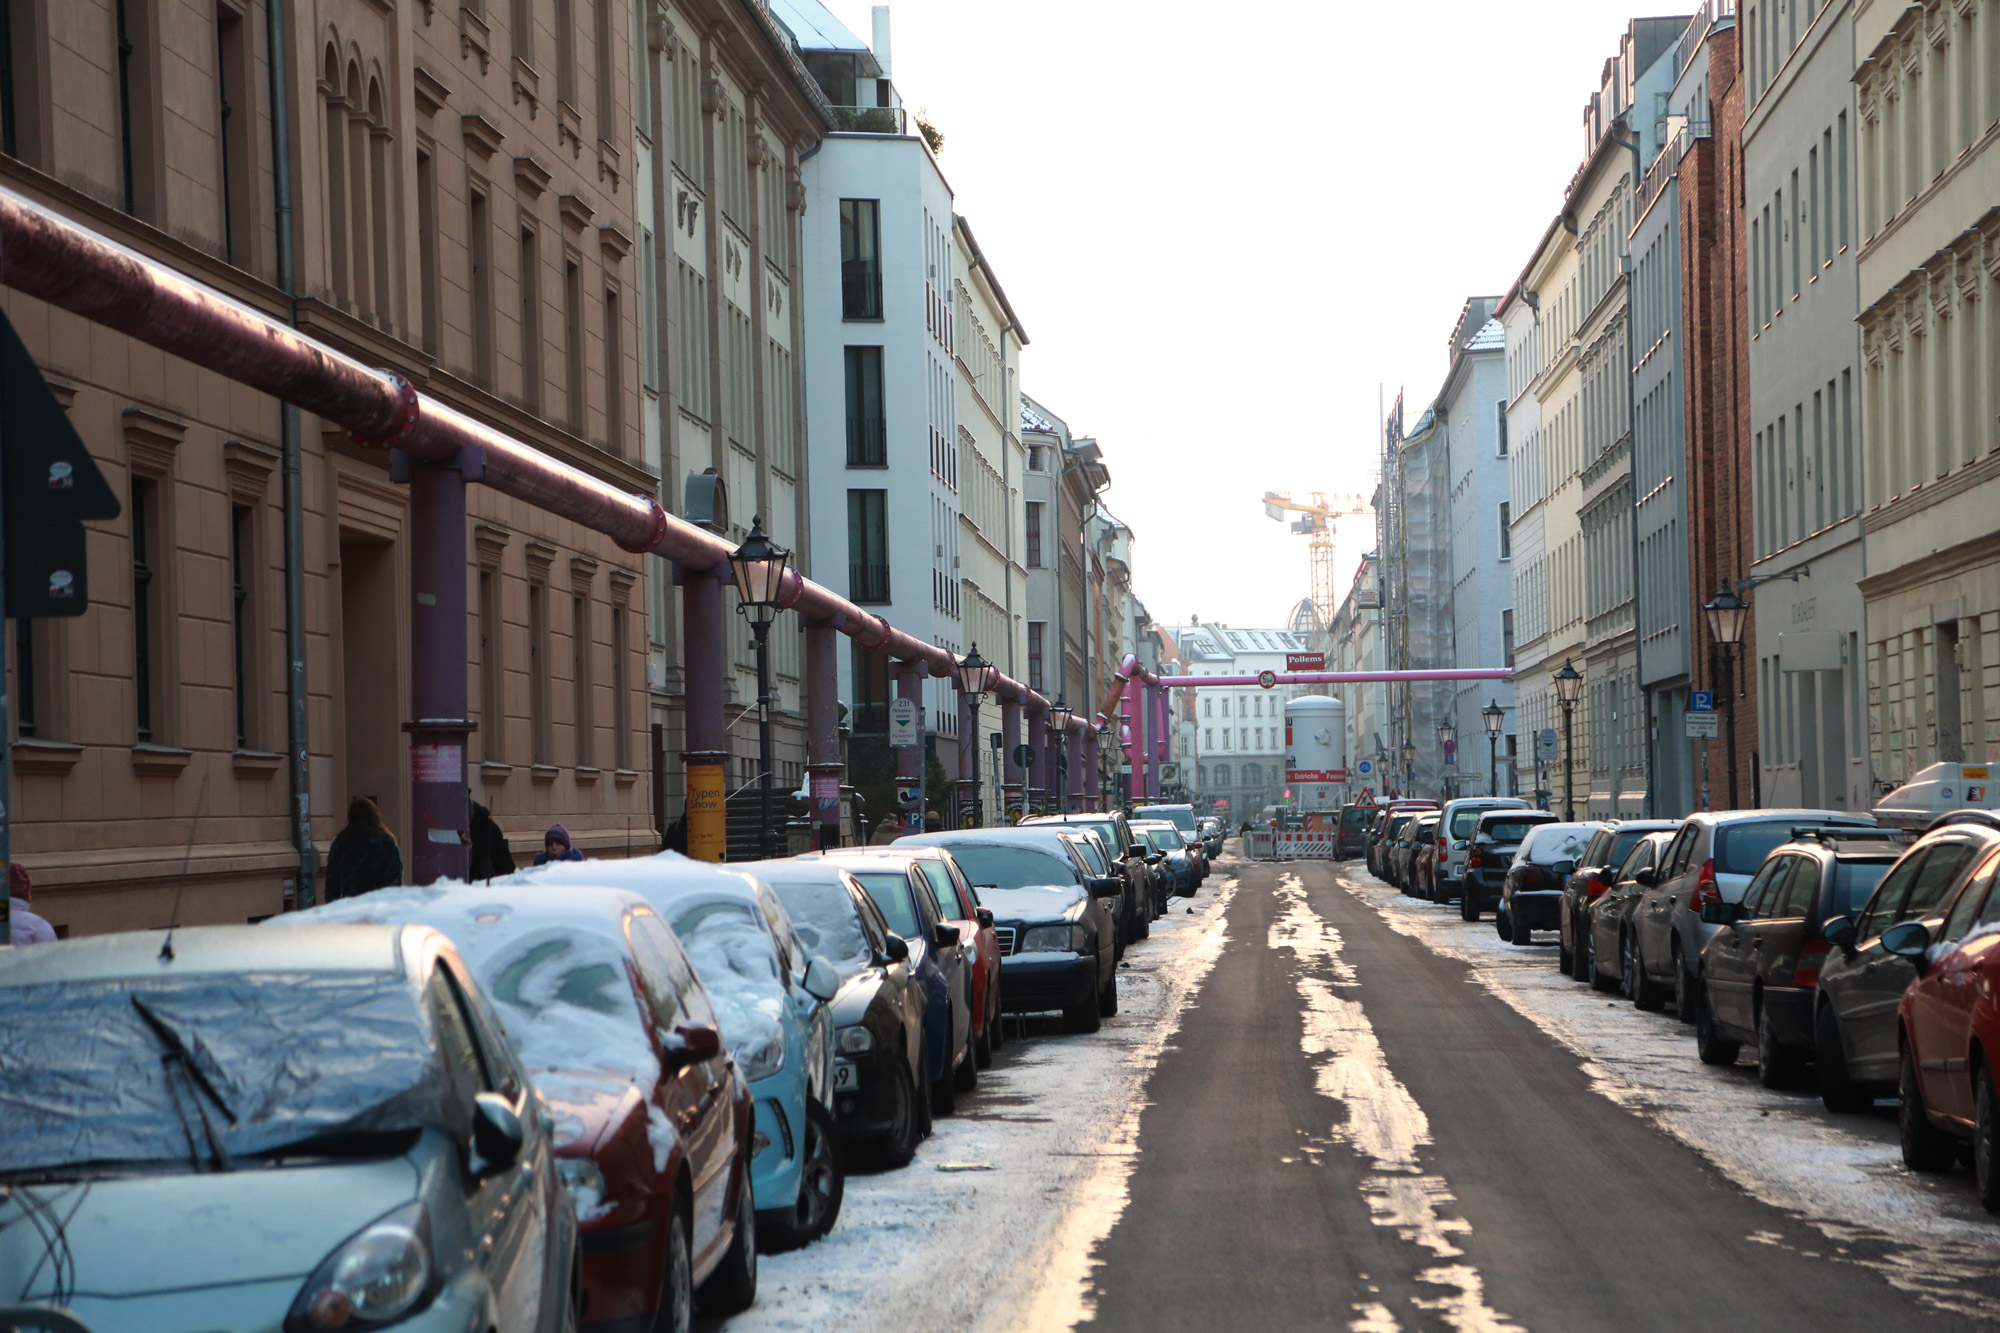 urbanbacklog-berlin-pink-pipes-5.jpg